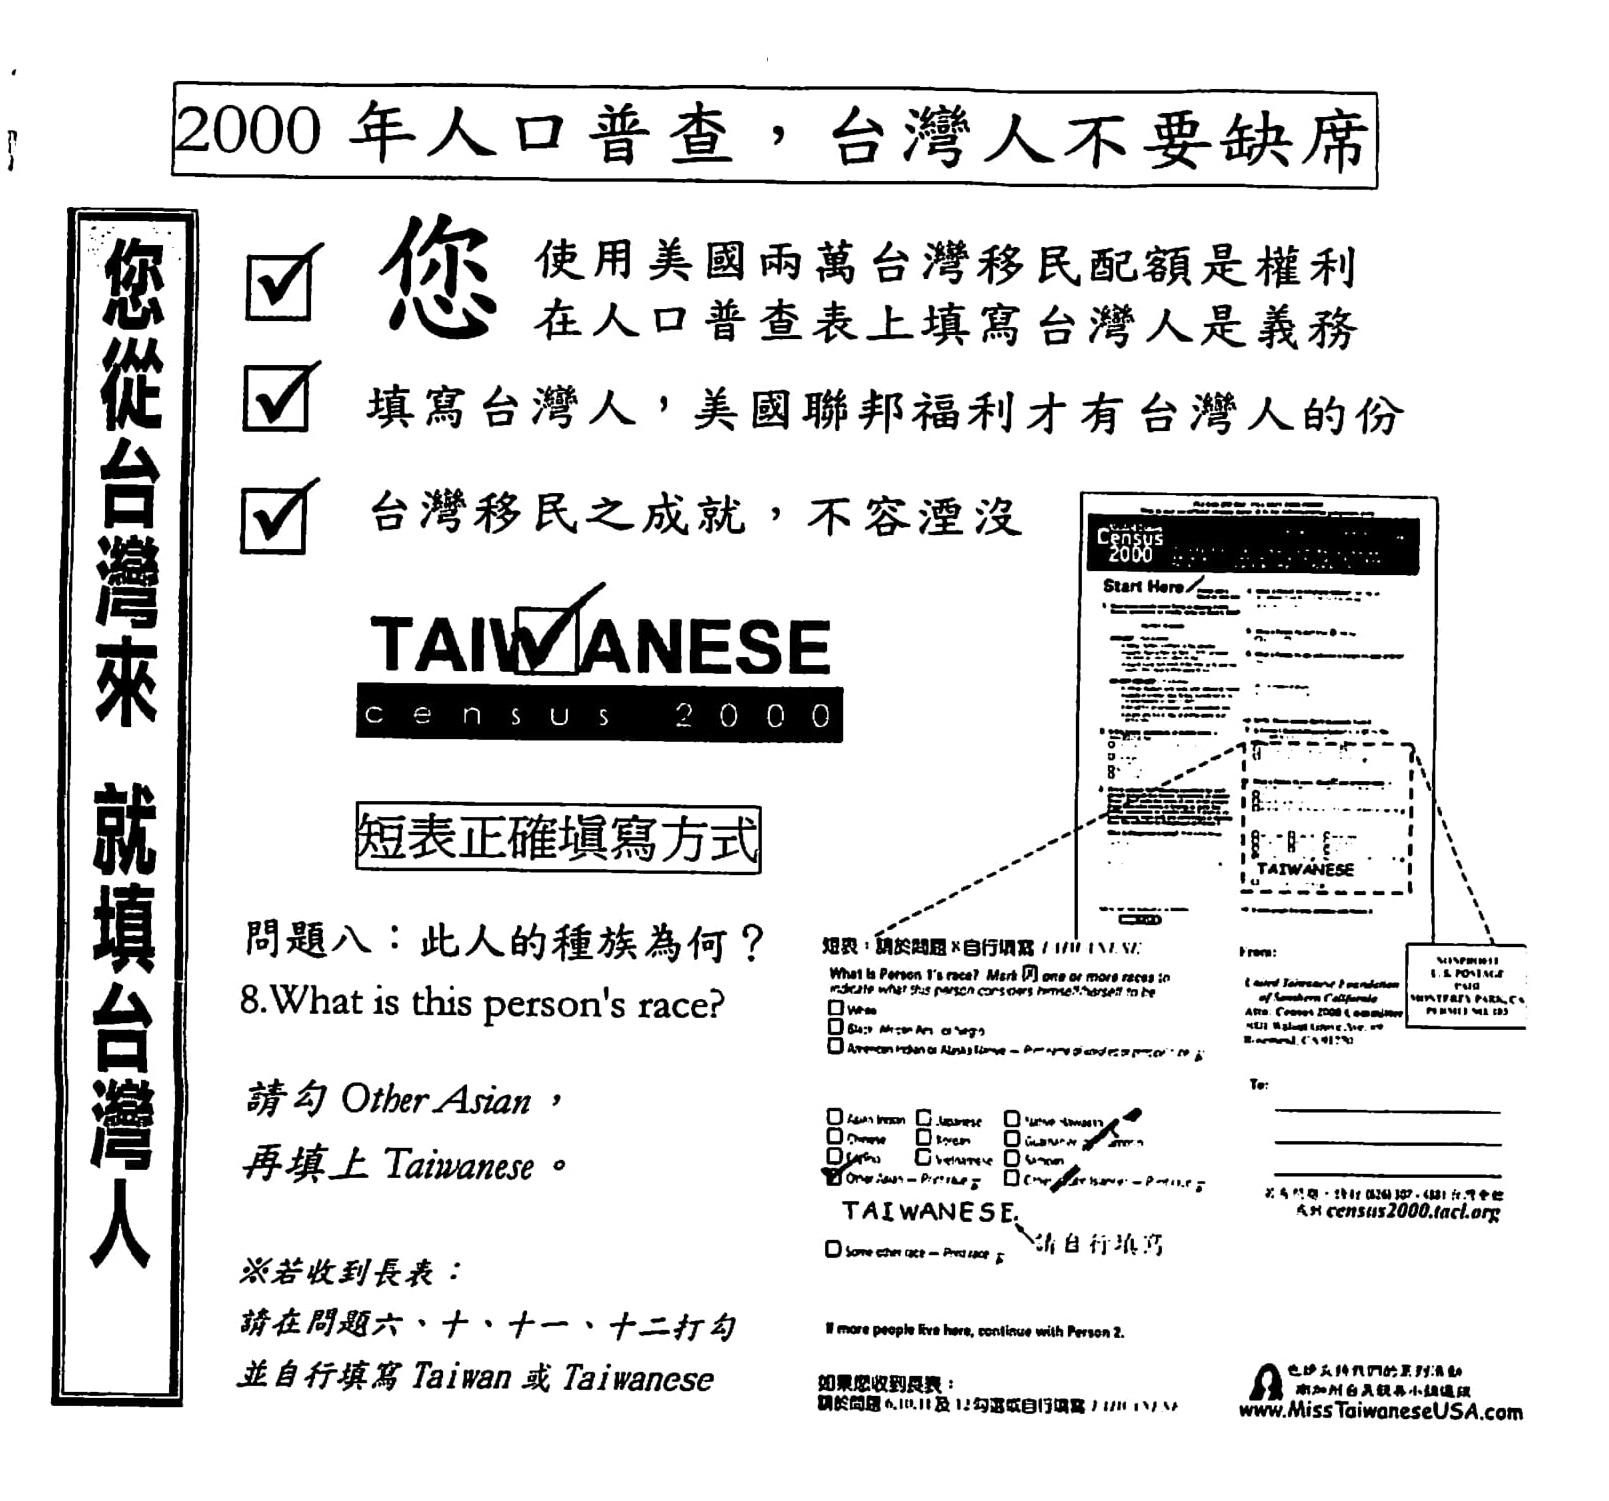 35. Censor 2000 年人口普查